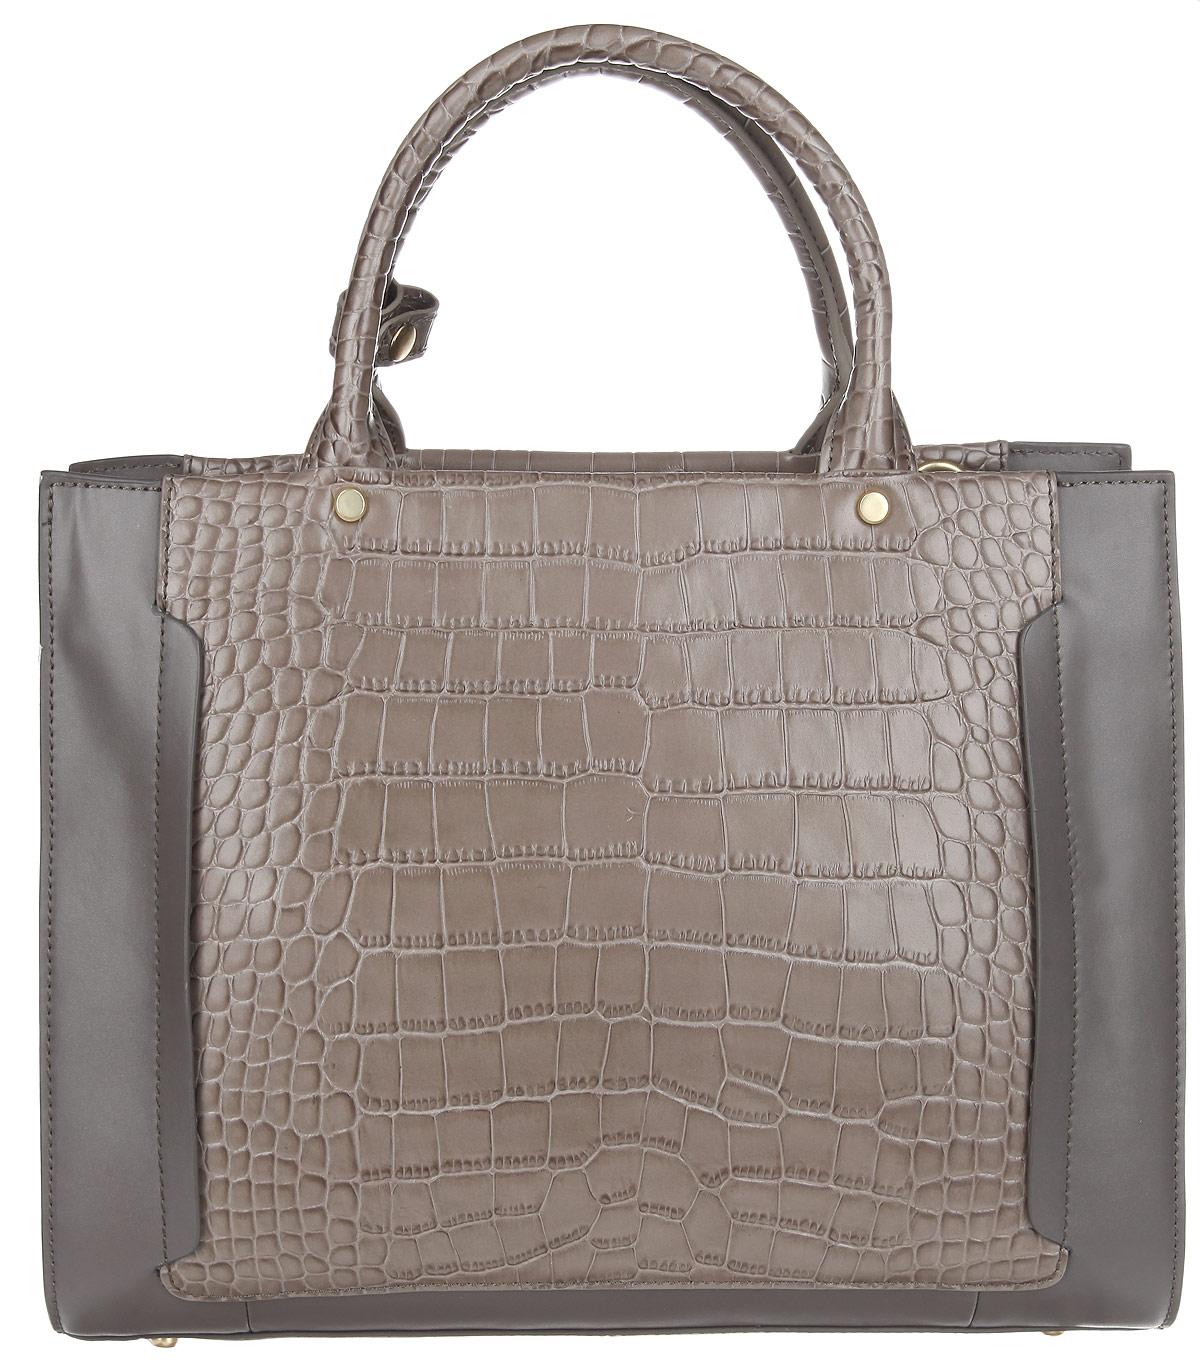 Сумка женская Fiorita, цвет: серый, серо-коричневый. 0009F0009F greyЭлегантная женская сумка Fiorita выполнена из натуральной кожи и дополнена вставками из кожи под крокодила. Изделие имеет одно основное отделение, которое закрывается на застежку- молнию. Внутри находятся два прорезных кармана на застежках-молниях и два накладных открытых кармашка. Снаружи на задней стенке расположен прорезной карман на застежке- молнии. Изделие оснащено двумя удобными ручками. В комплект входит съемный плечевой ремень, который регулируется по длине. Основание изделия защищено от повреждений металлическими ножками. Сумка упакована в фирменный чехол. Такая сумка дополнит образ и подчеркнет ваше отменное чувство стиля.